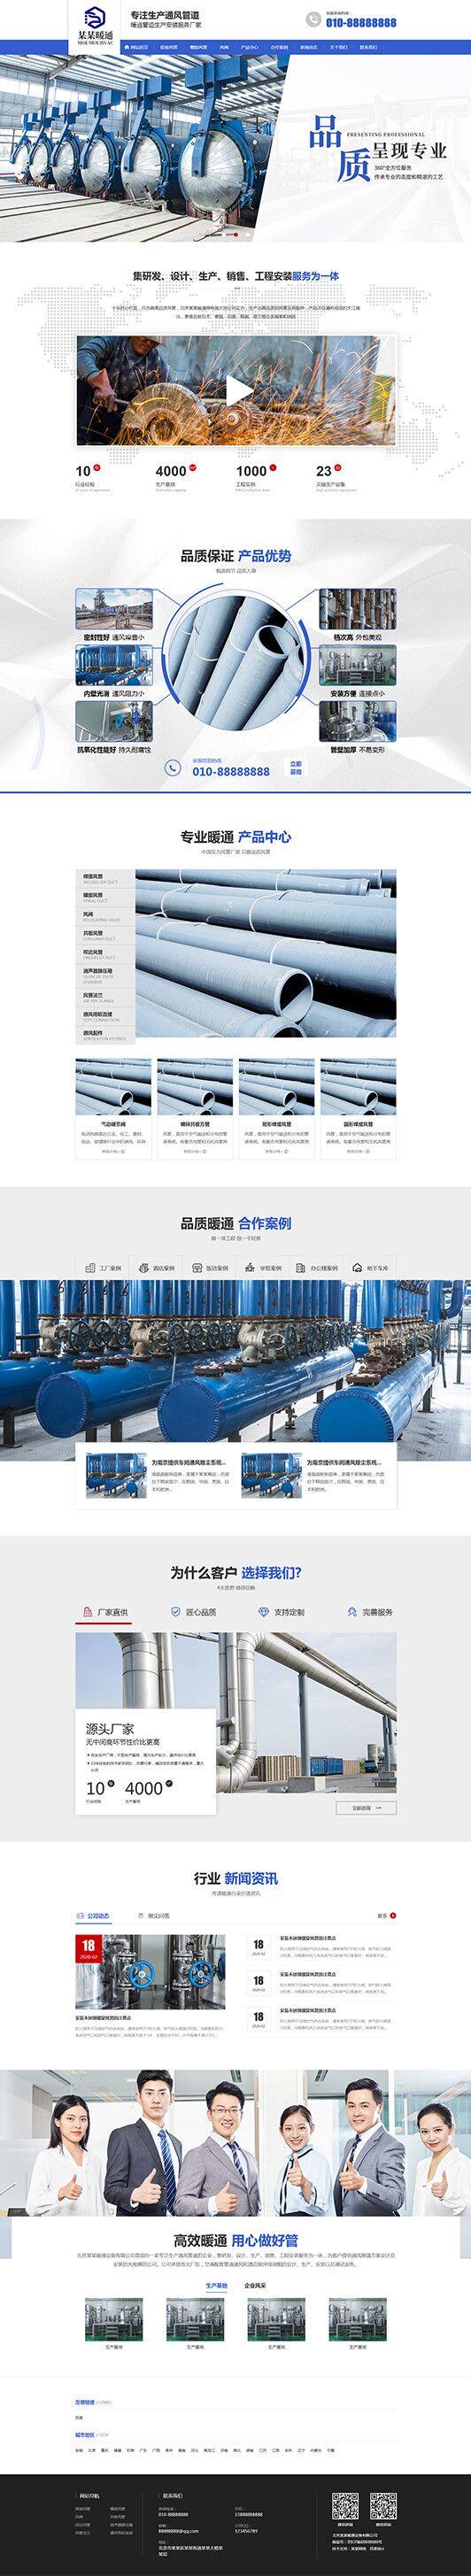 暖通设备公司网站通用营销型模板